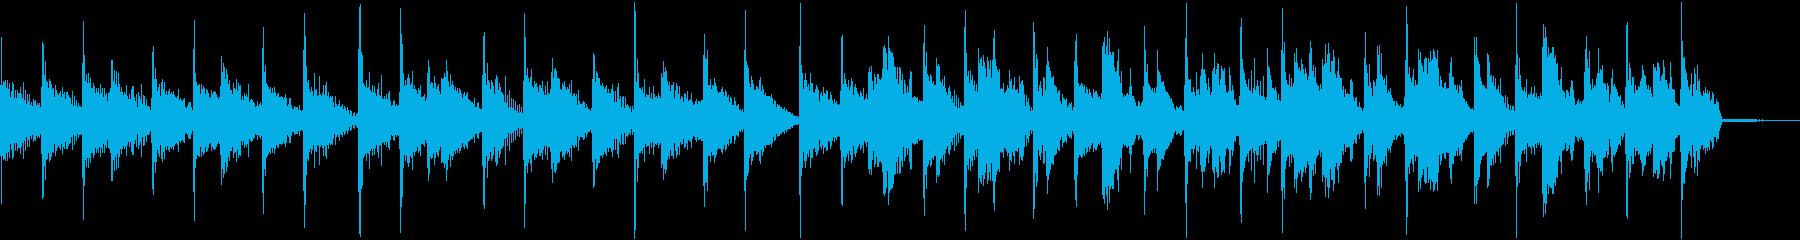 【CM】クールでオシャレなBGM・10の再生済みの波形